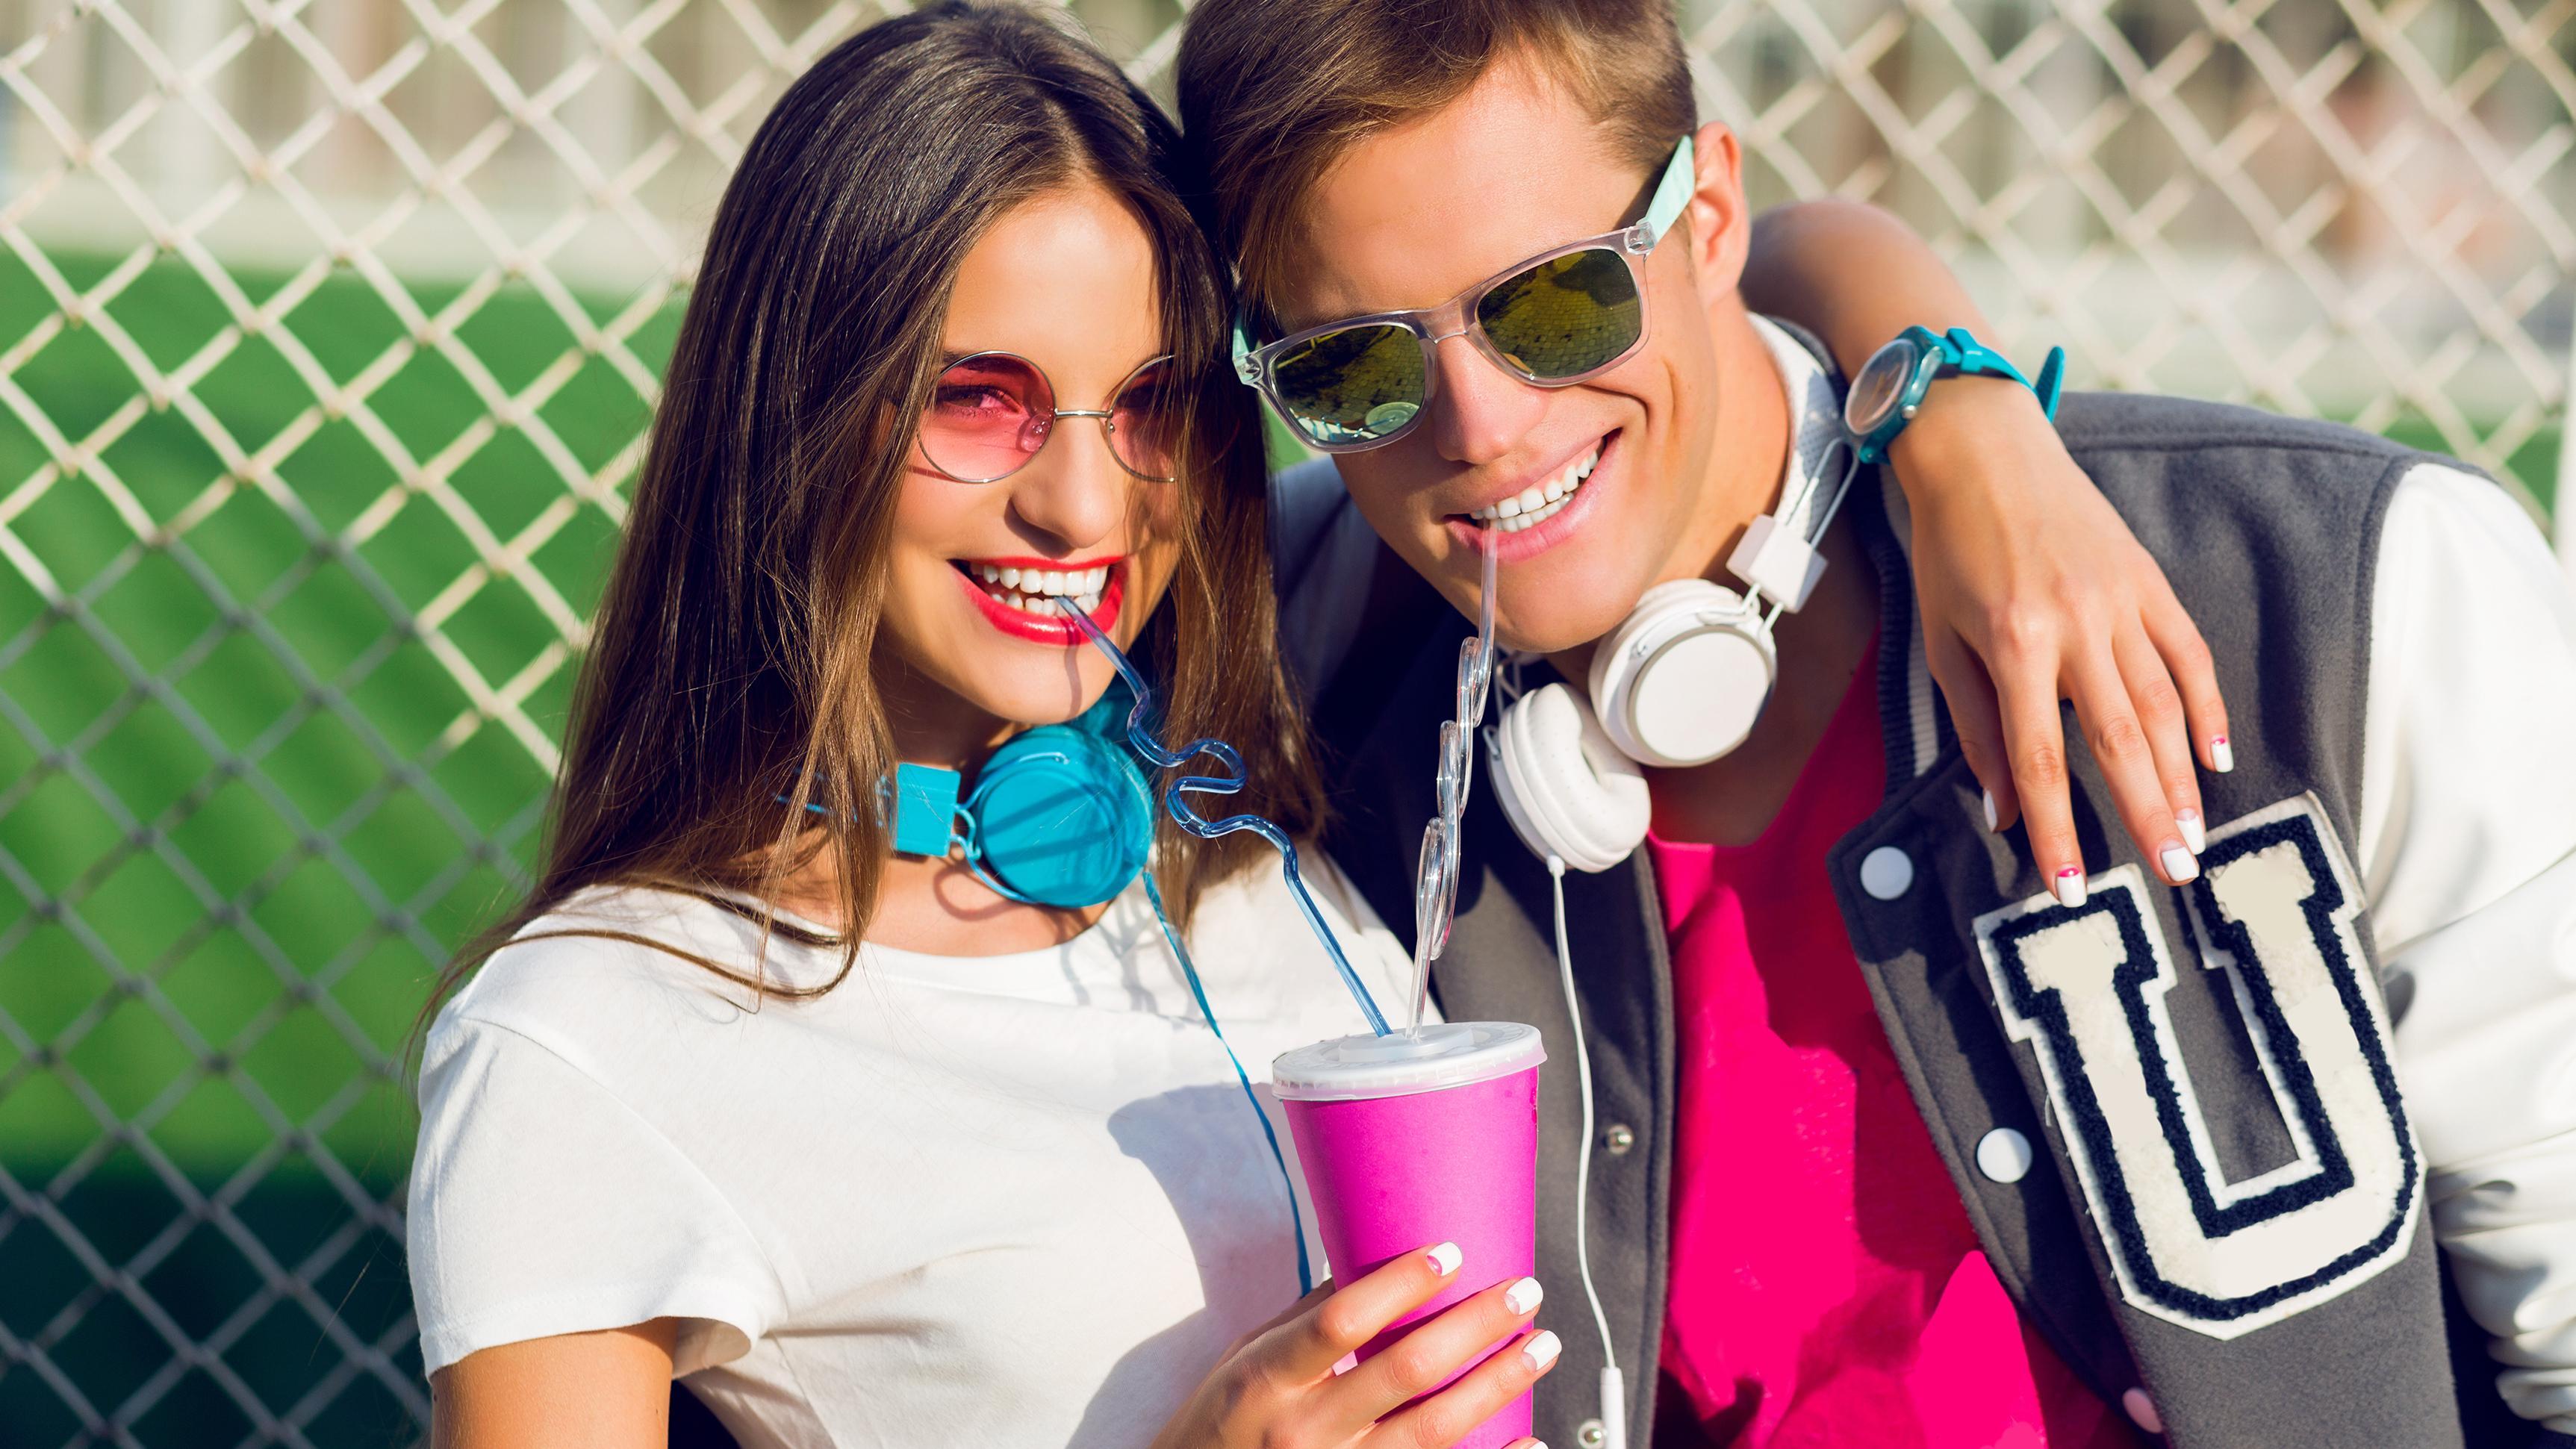 randki online dla ponad 50 uk